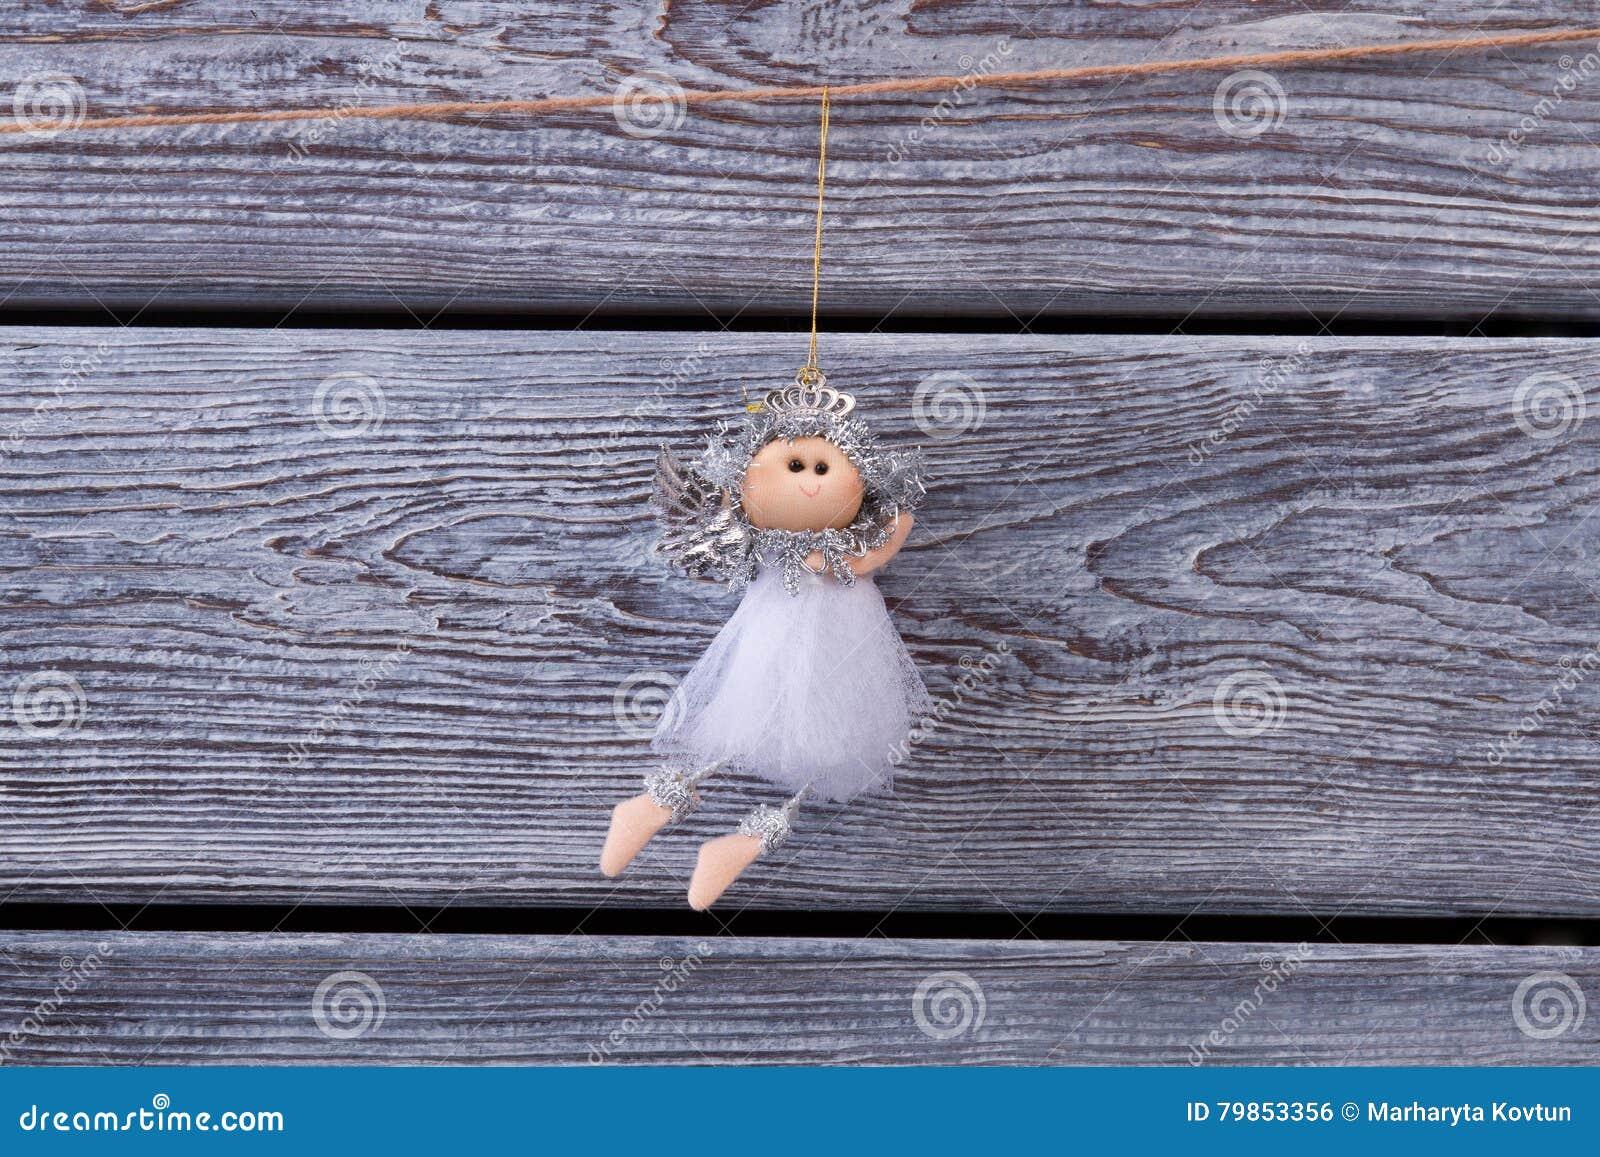 belle f e argent e accrochant sur une corde sur une barri re en bois illustration stock image. Black Bedroom Furniture Sets. Home Design Ideas